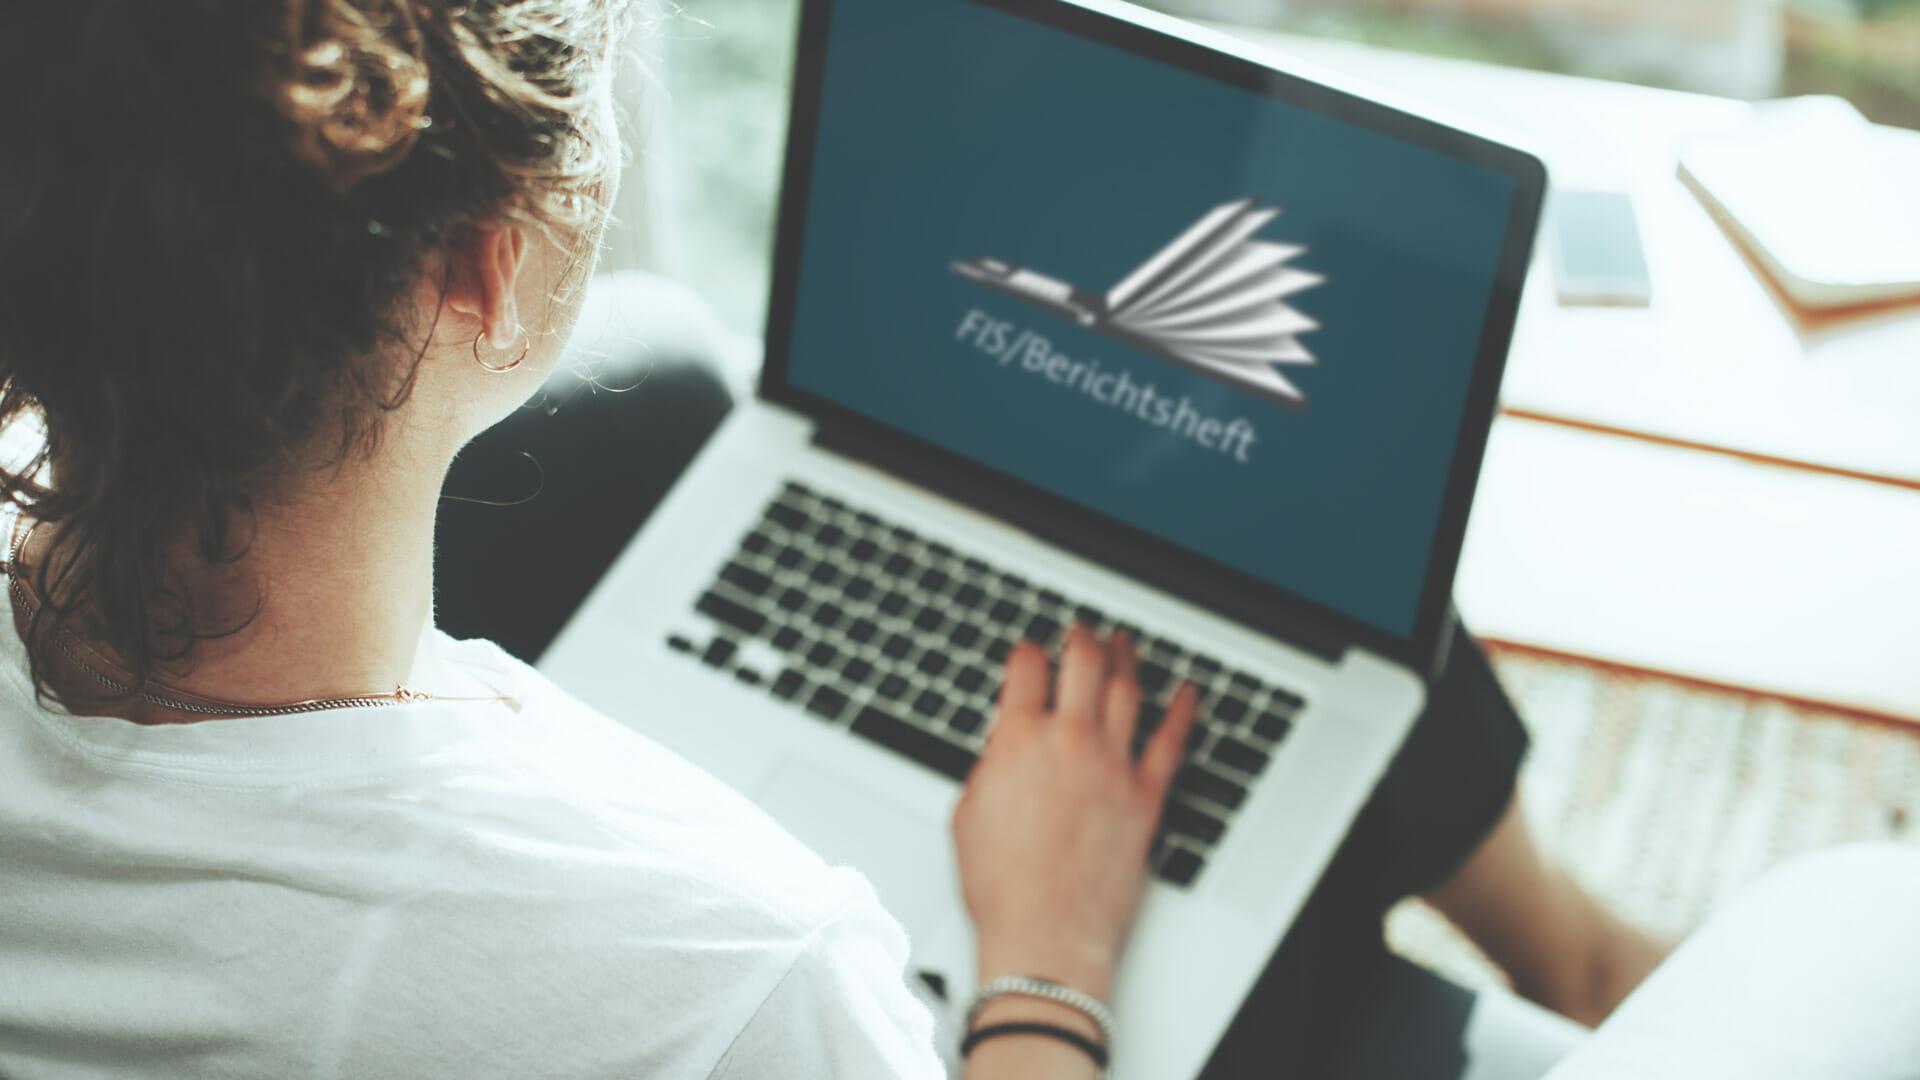 Digitales Berichtsheft App   online Berichtsheft pflegen